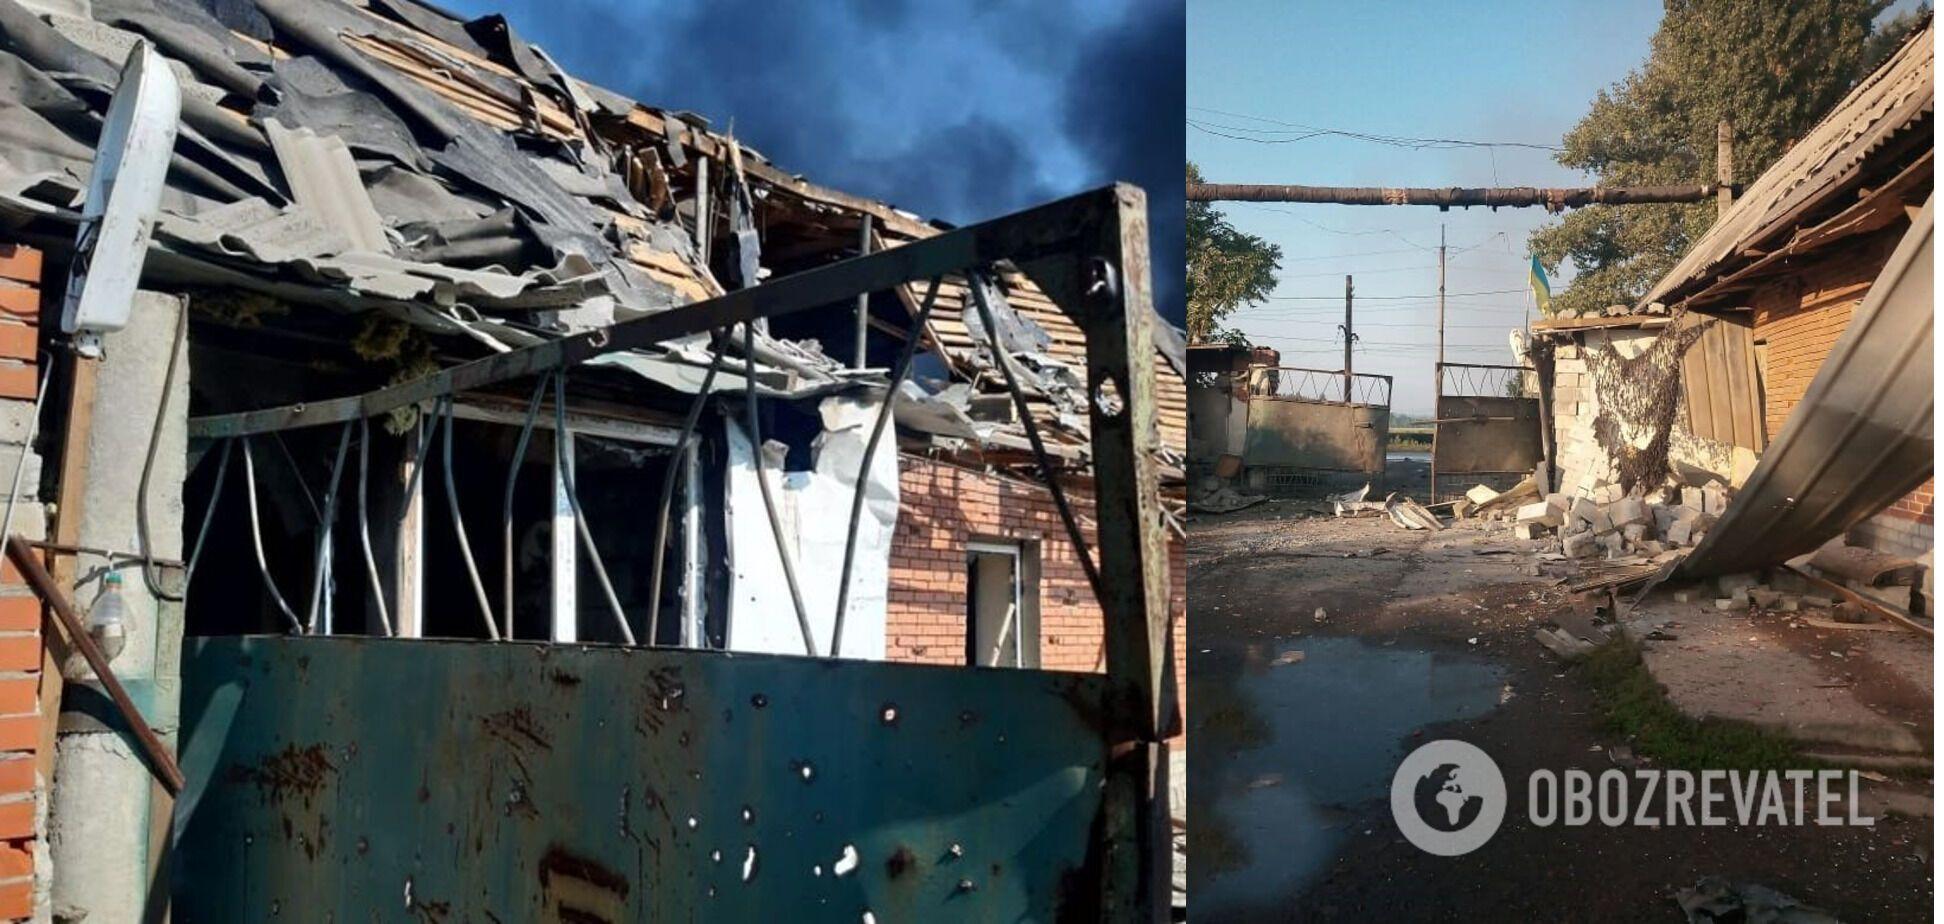 Пошкоджені об'єкти цивільної інфраструктури Авдіївки